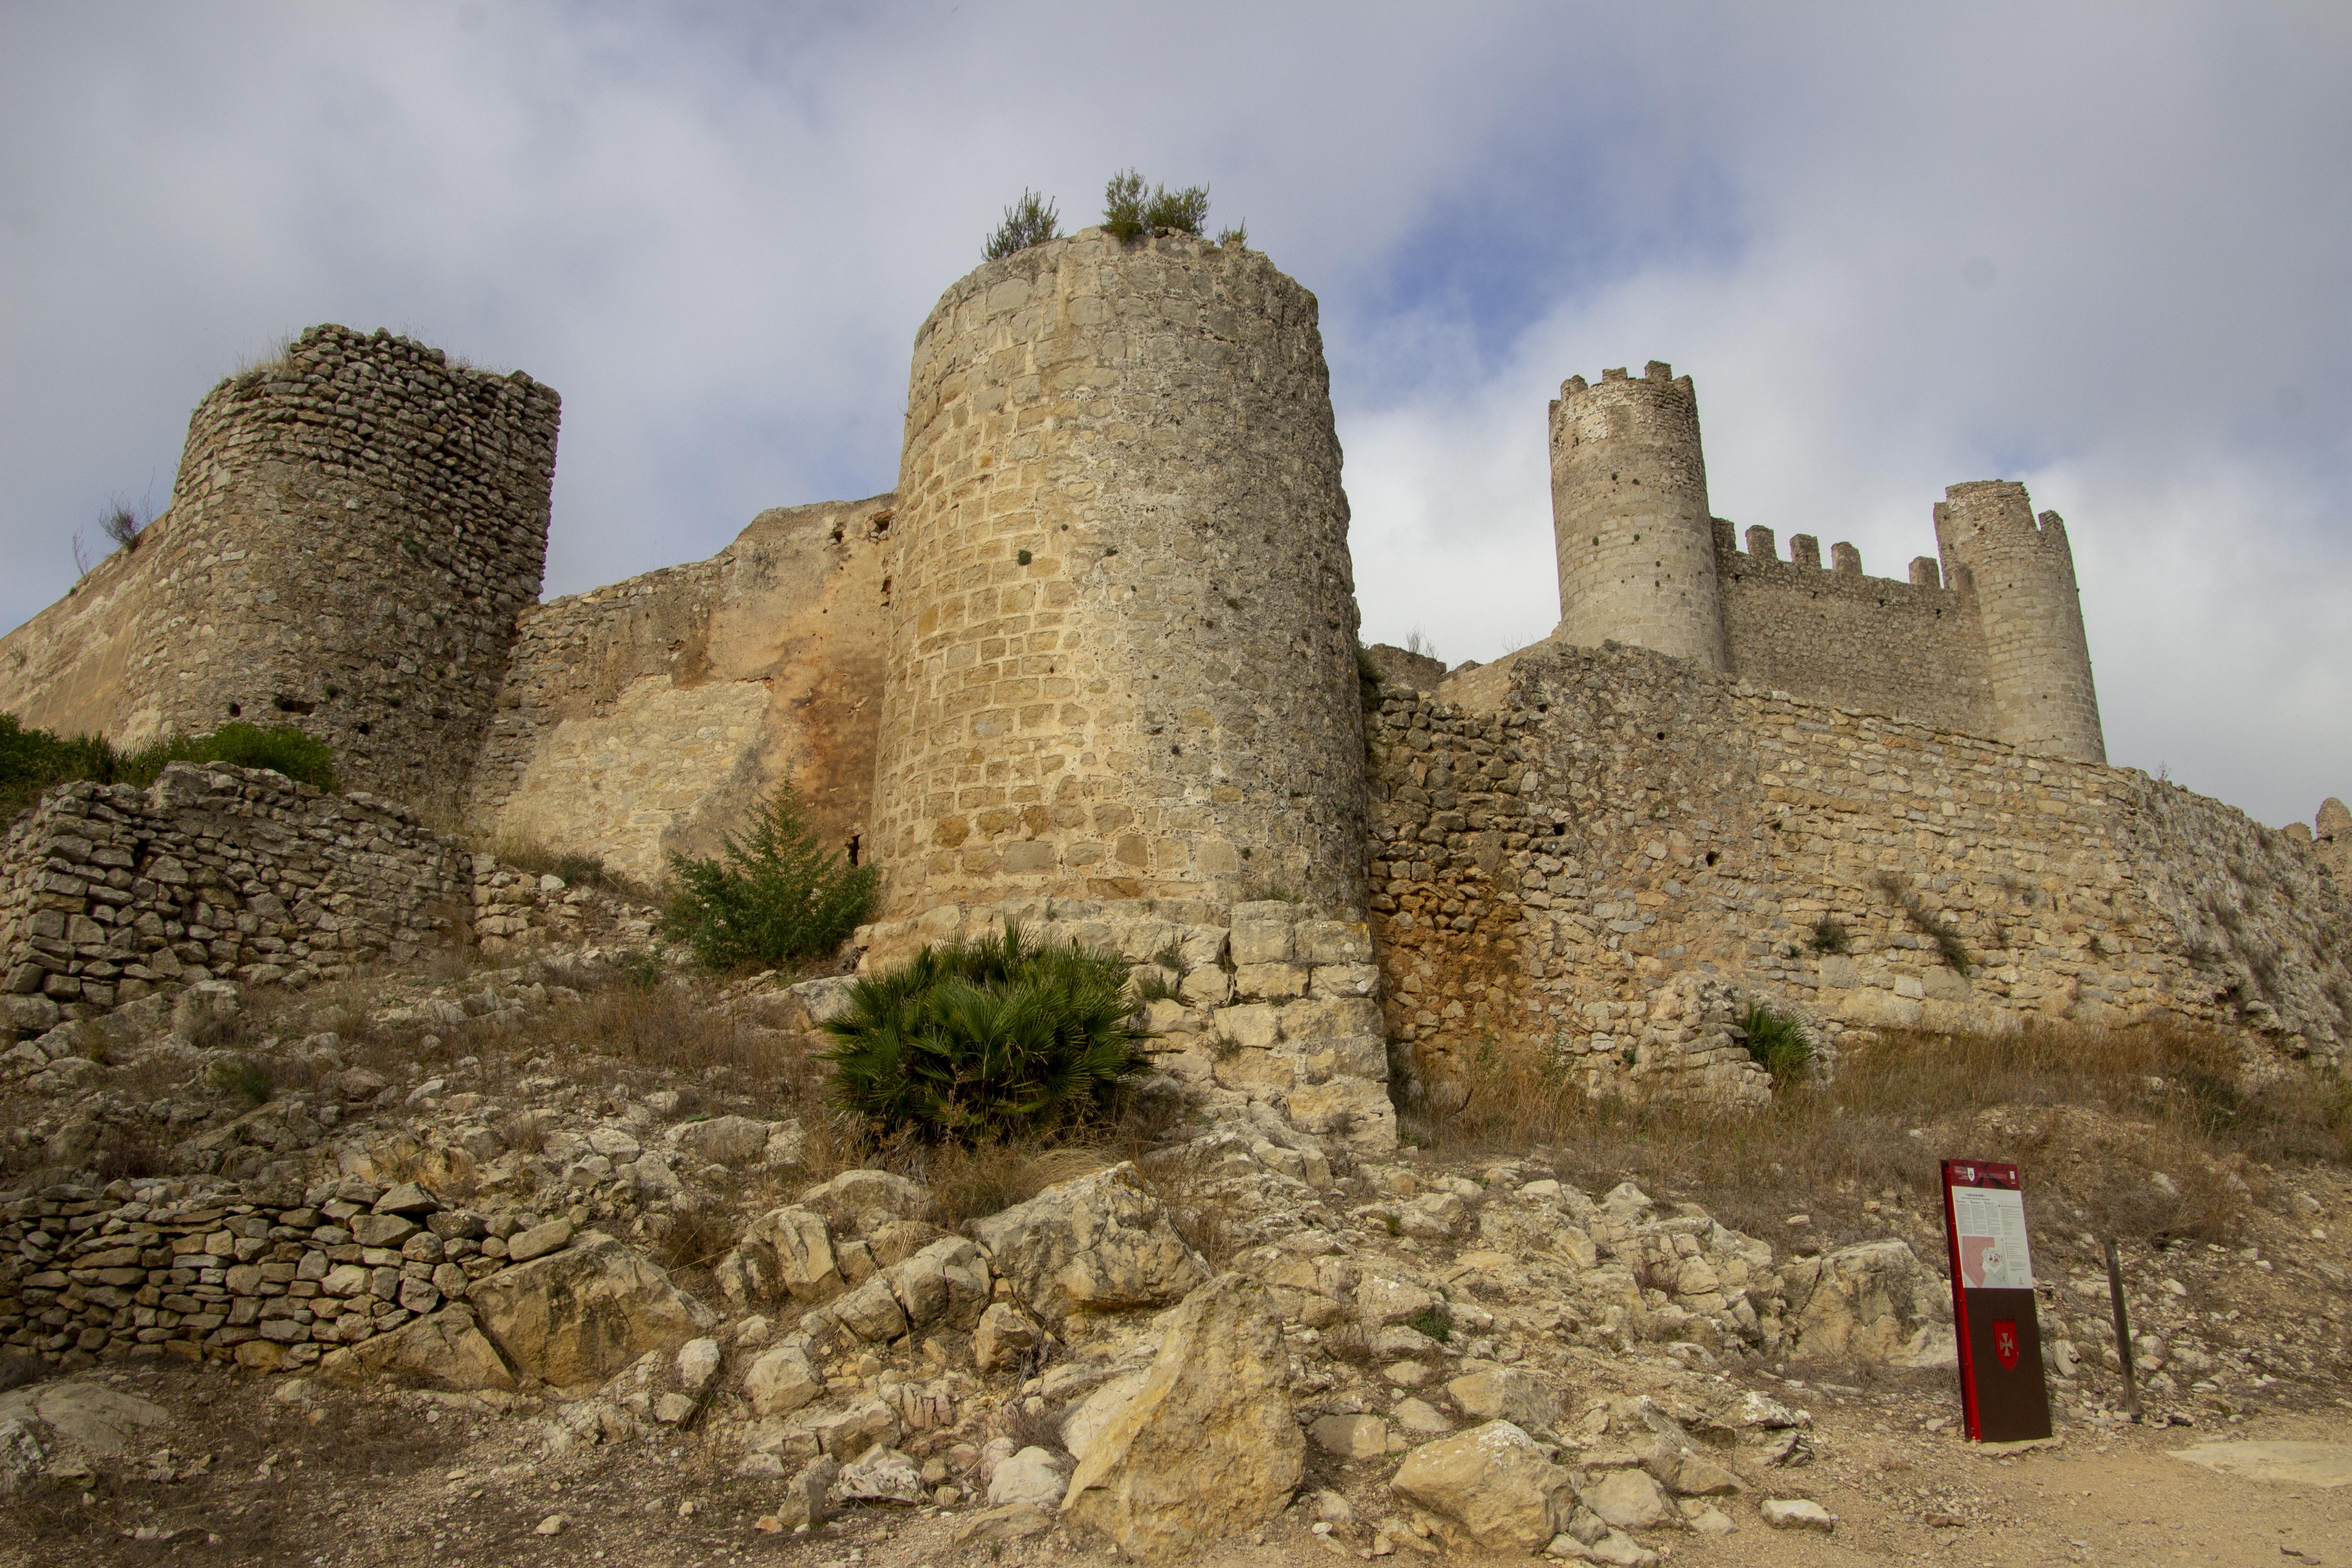 Xivert Castle